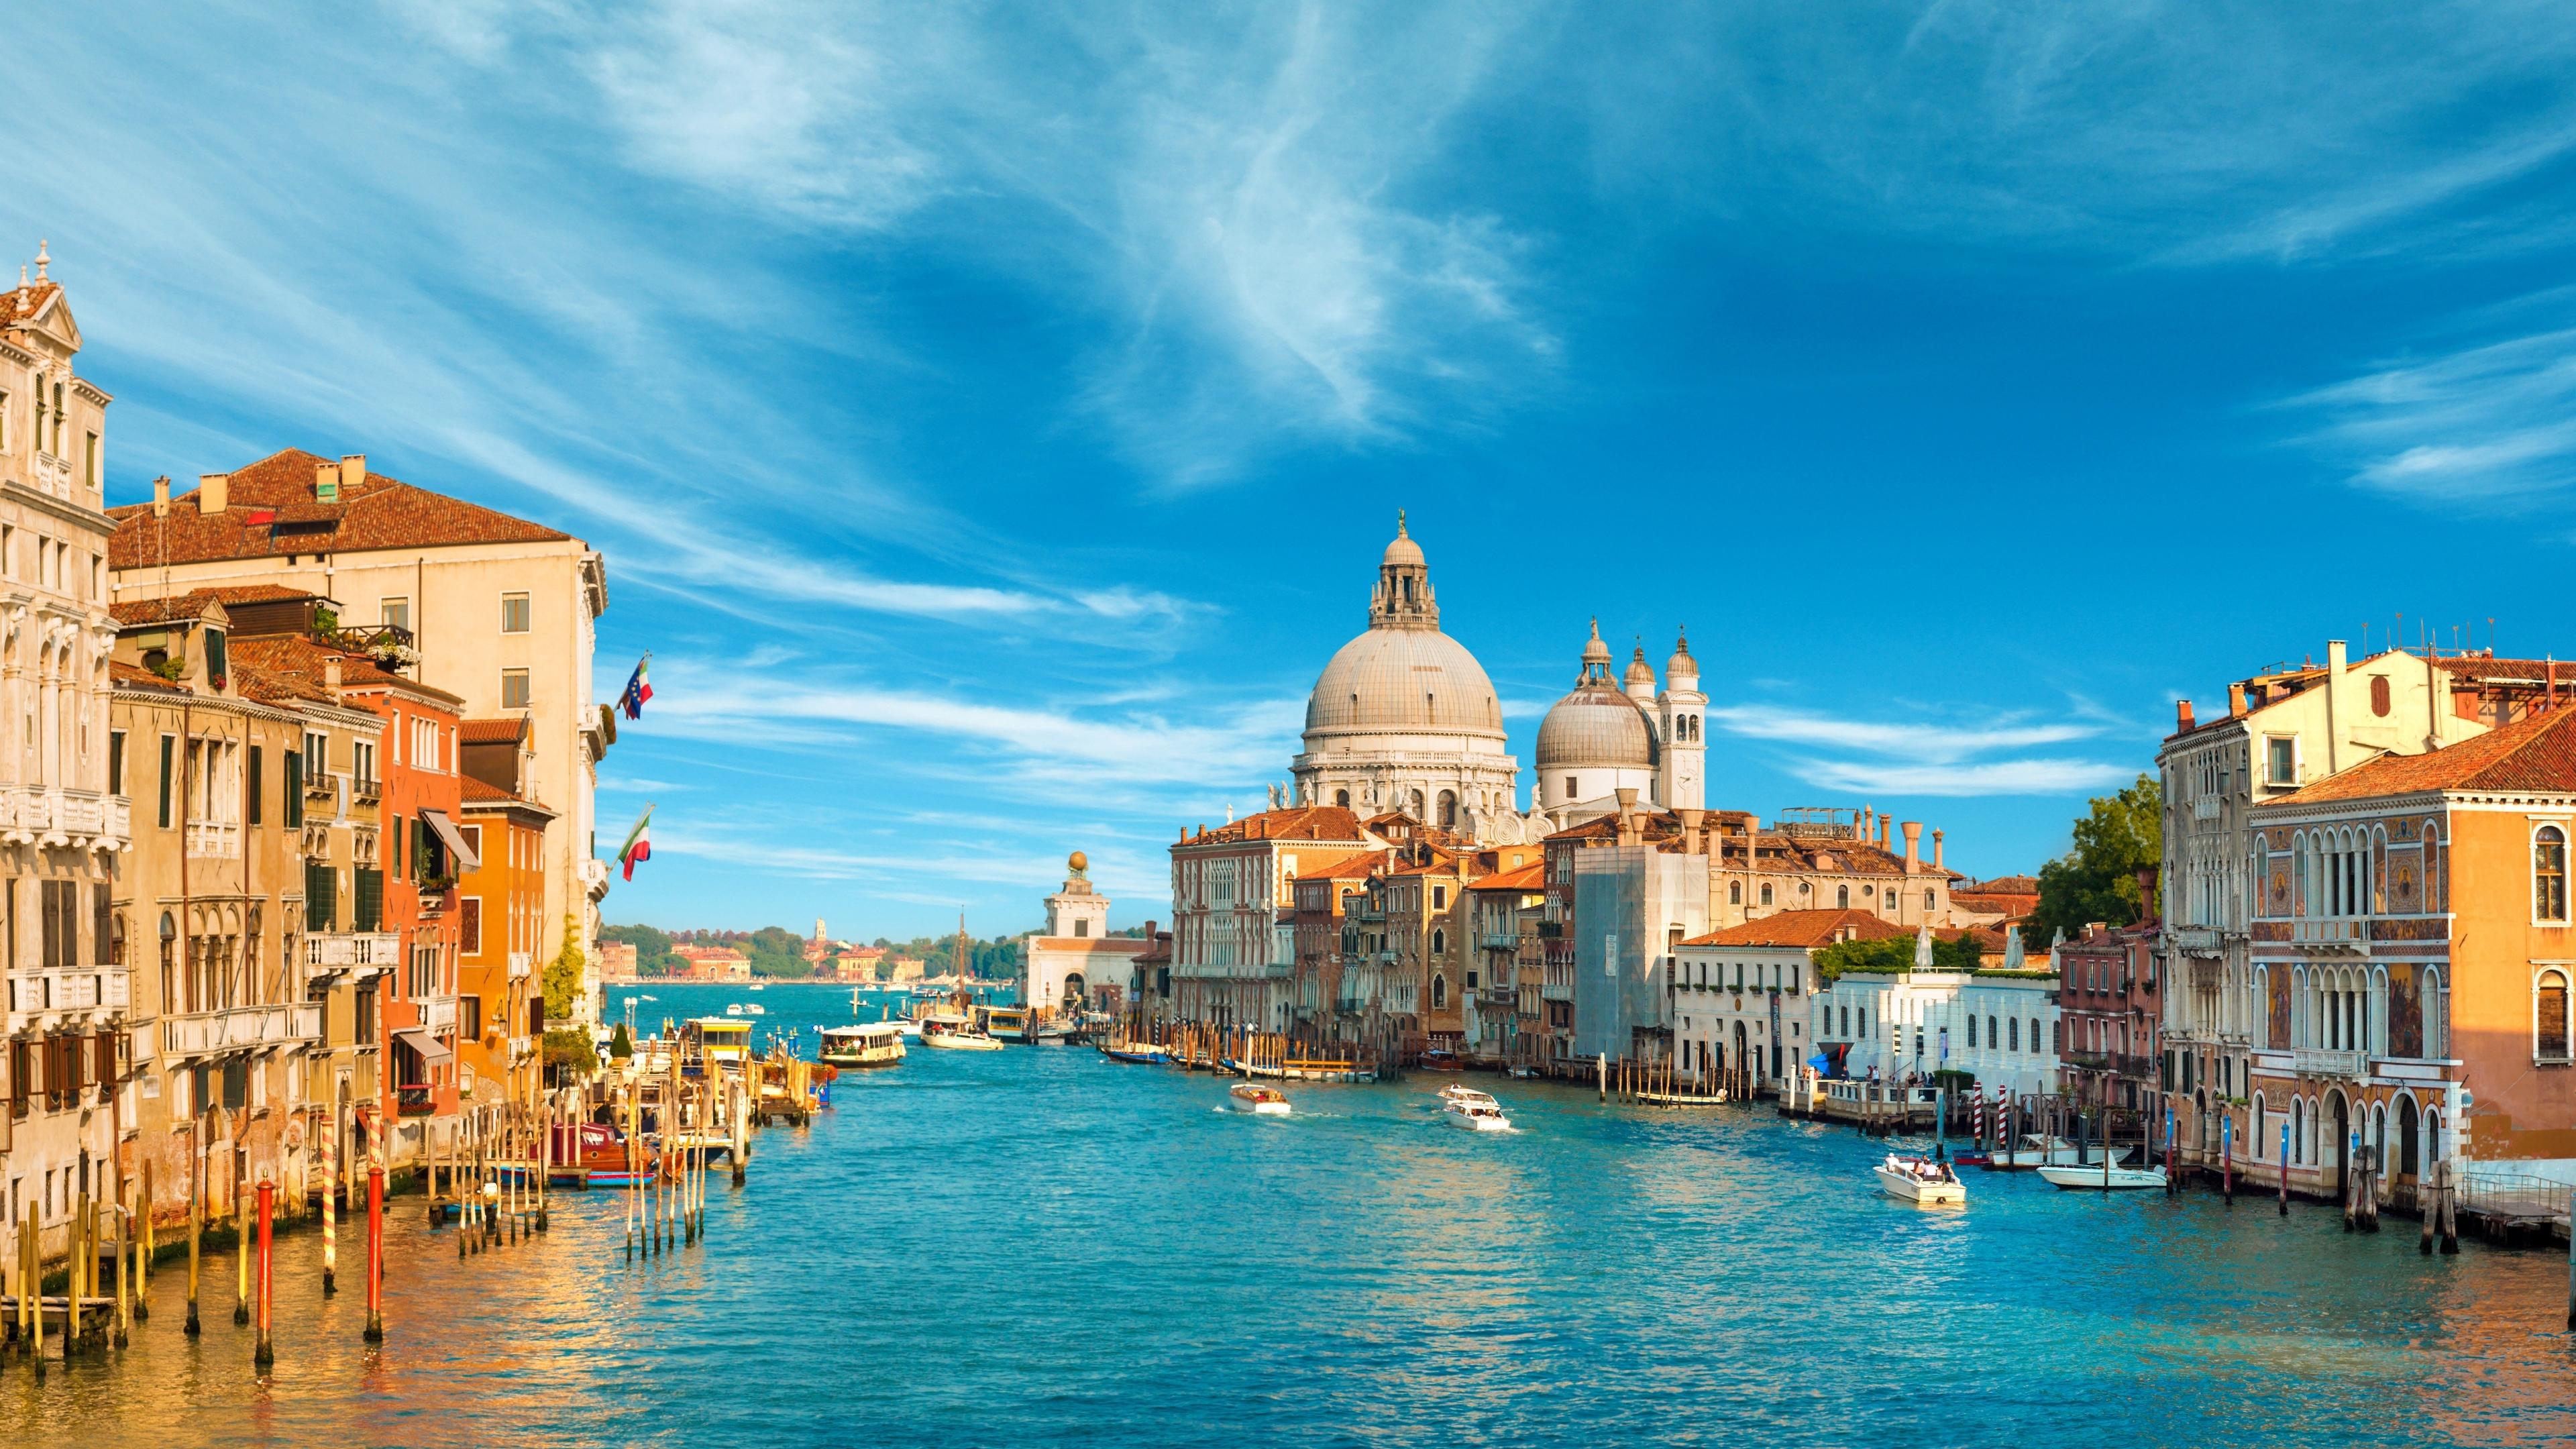 Venice grand Canal Ultra HD wallpaper UHD WallpapersNet 3840x2160